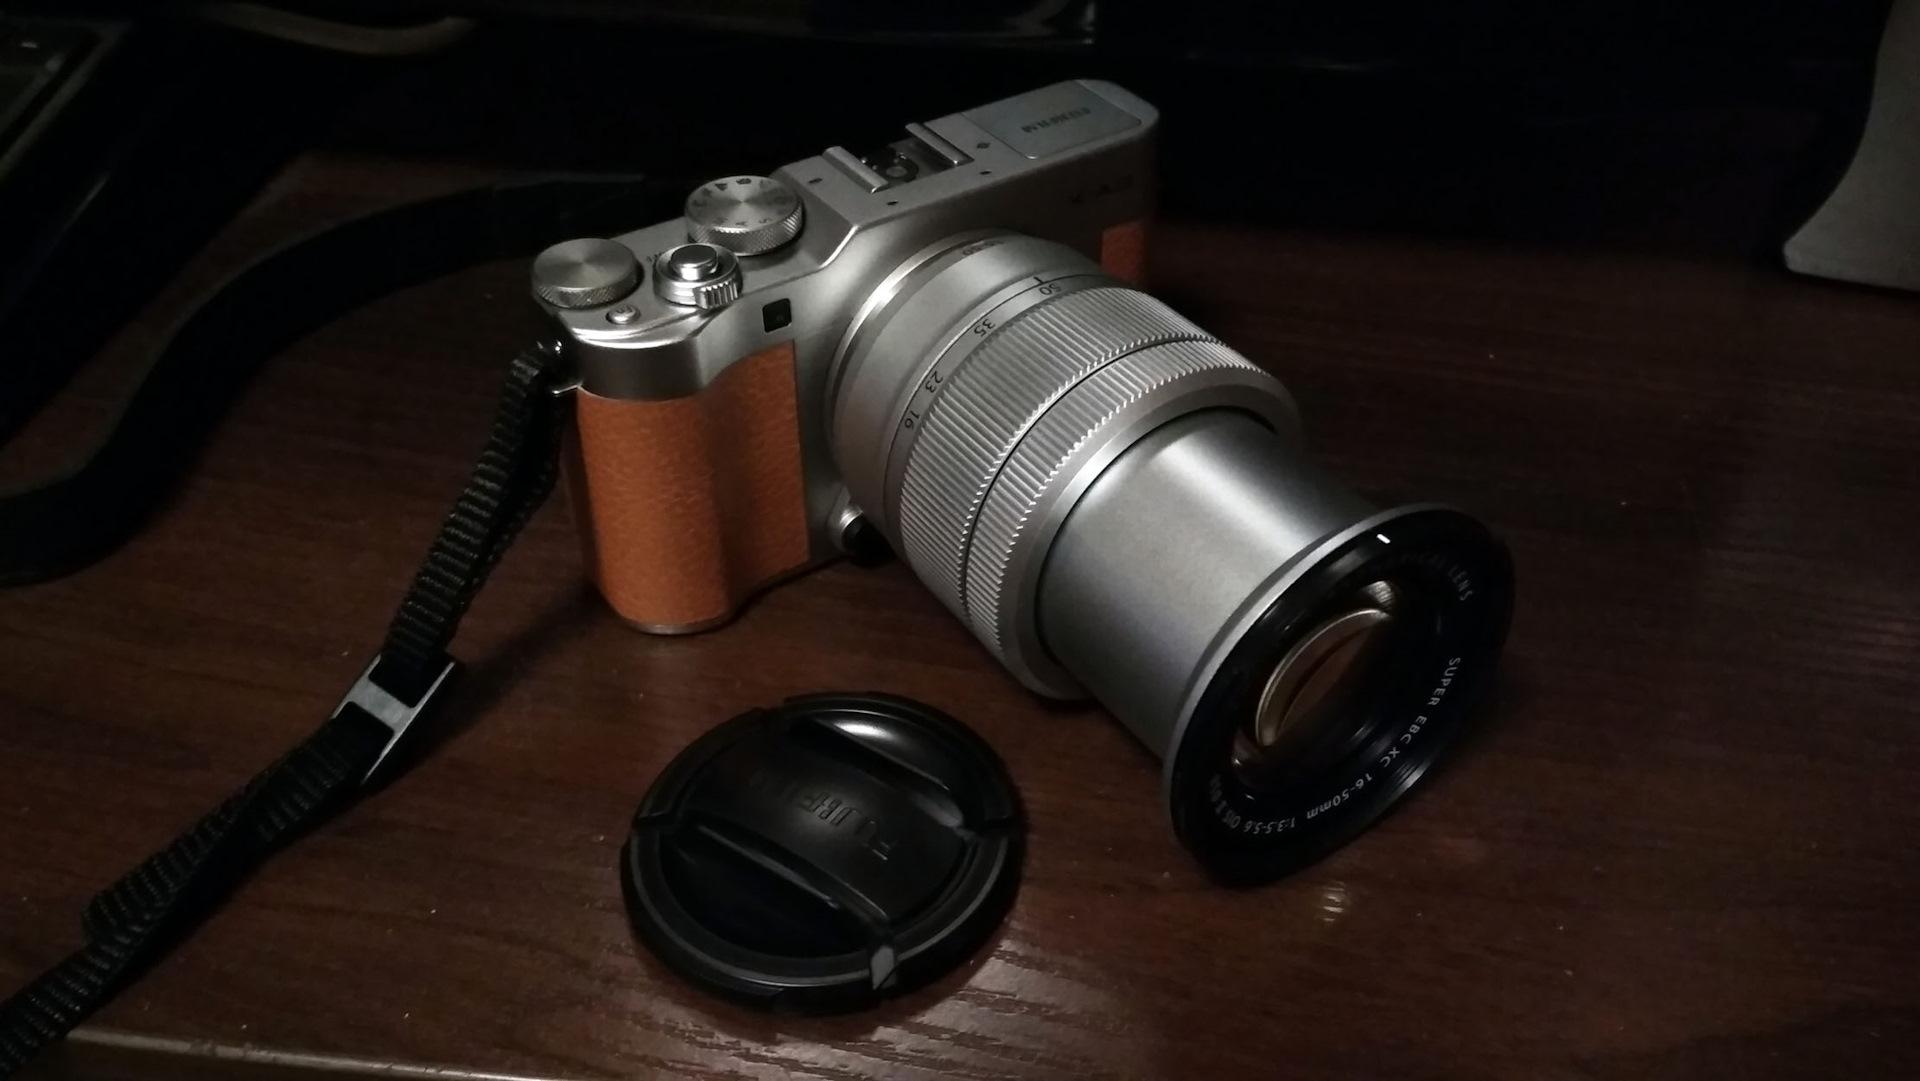 часто встречаю лучшие беззеркалки по качеству фото профессиональной фотосъемки, тем